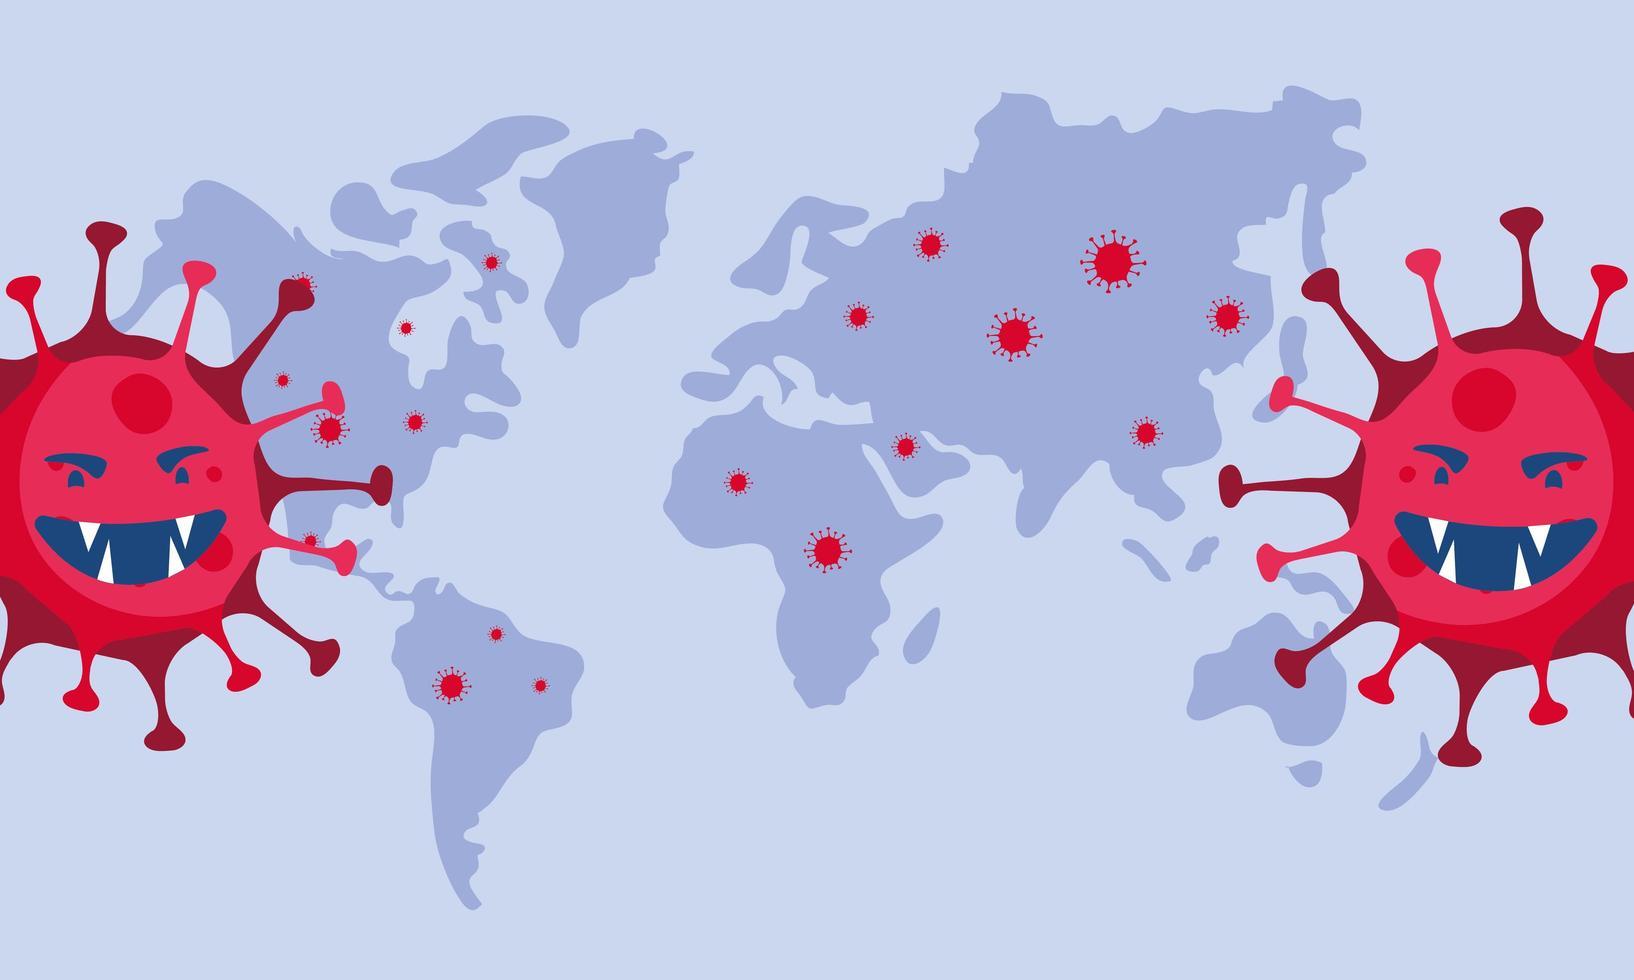 covid19 pandemipartiklar och jordplanet vektor